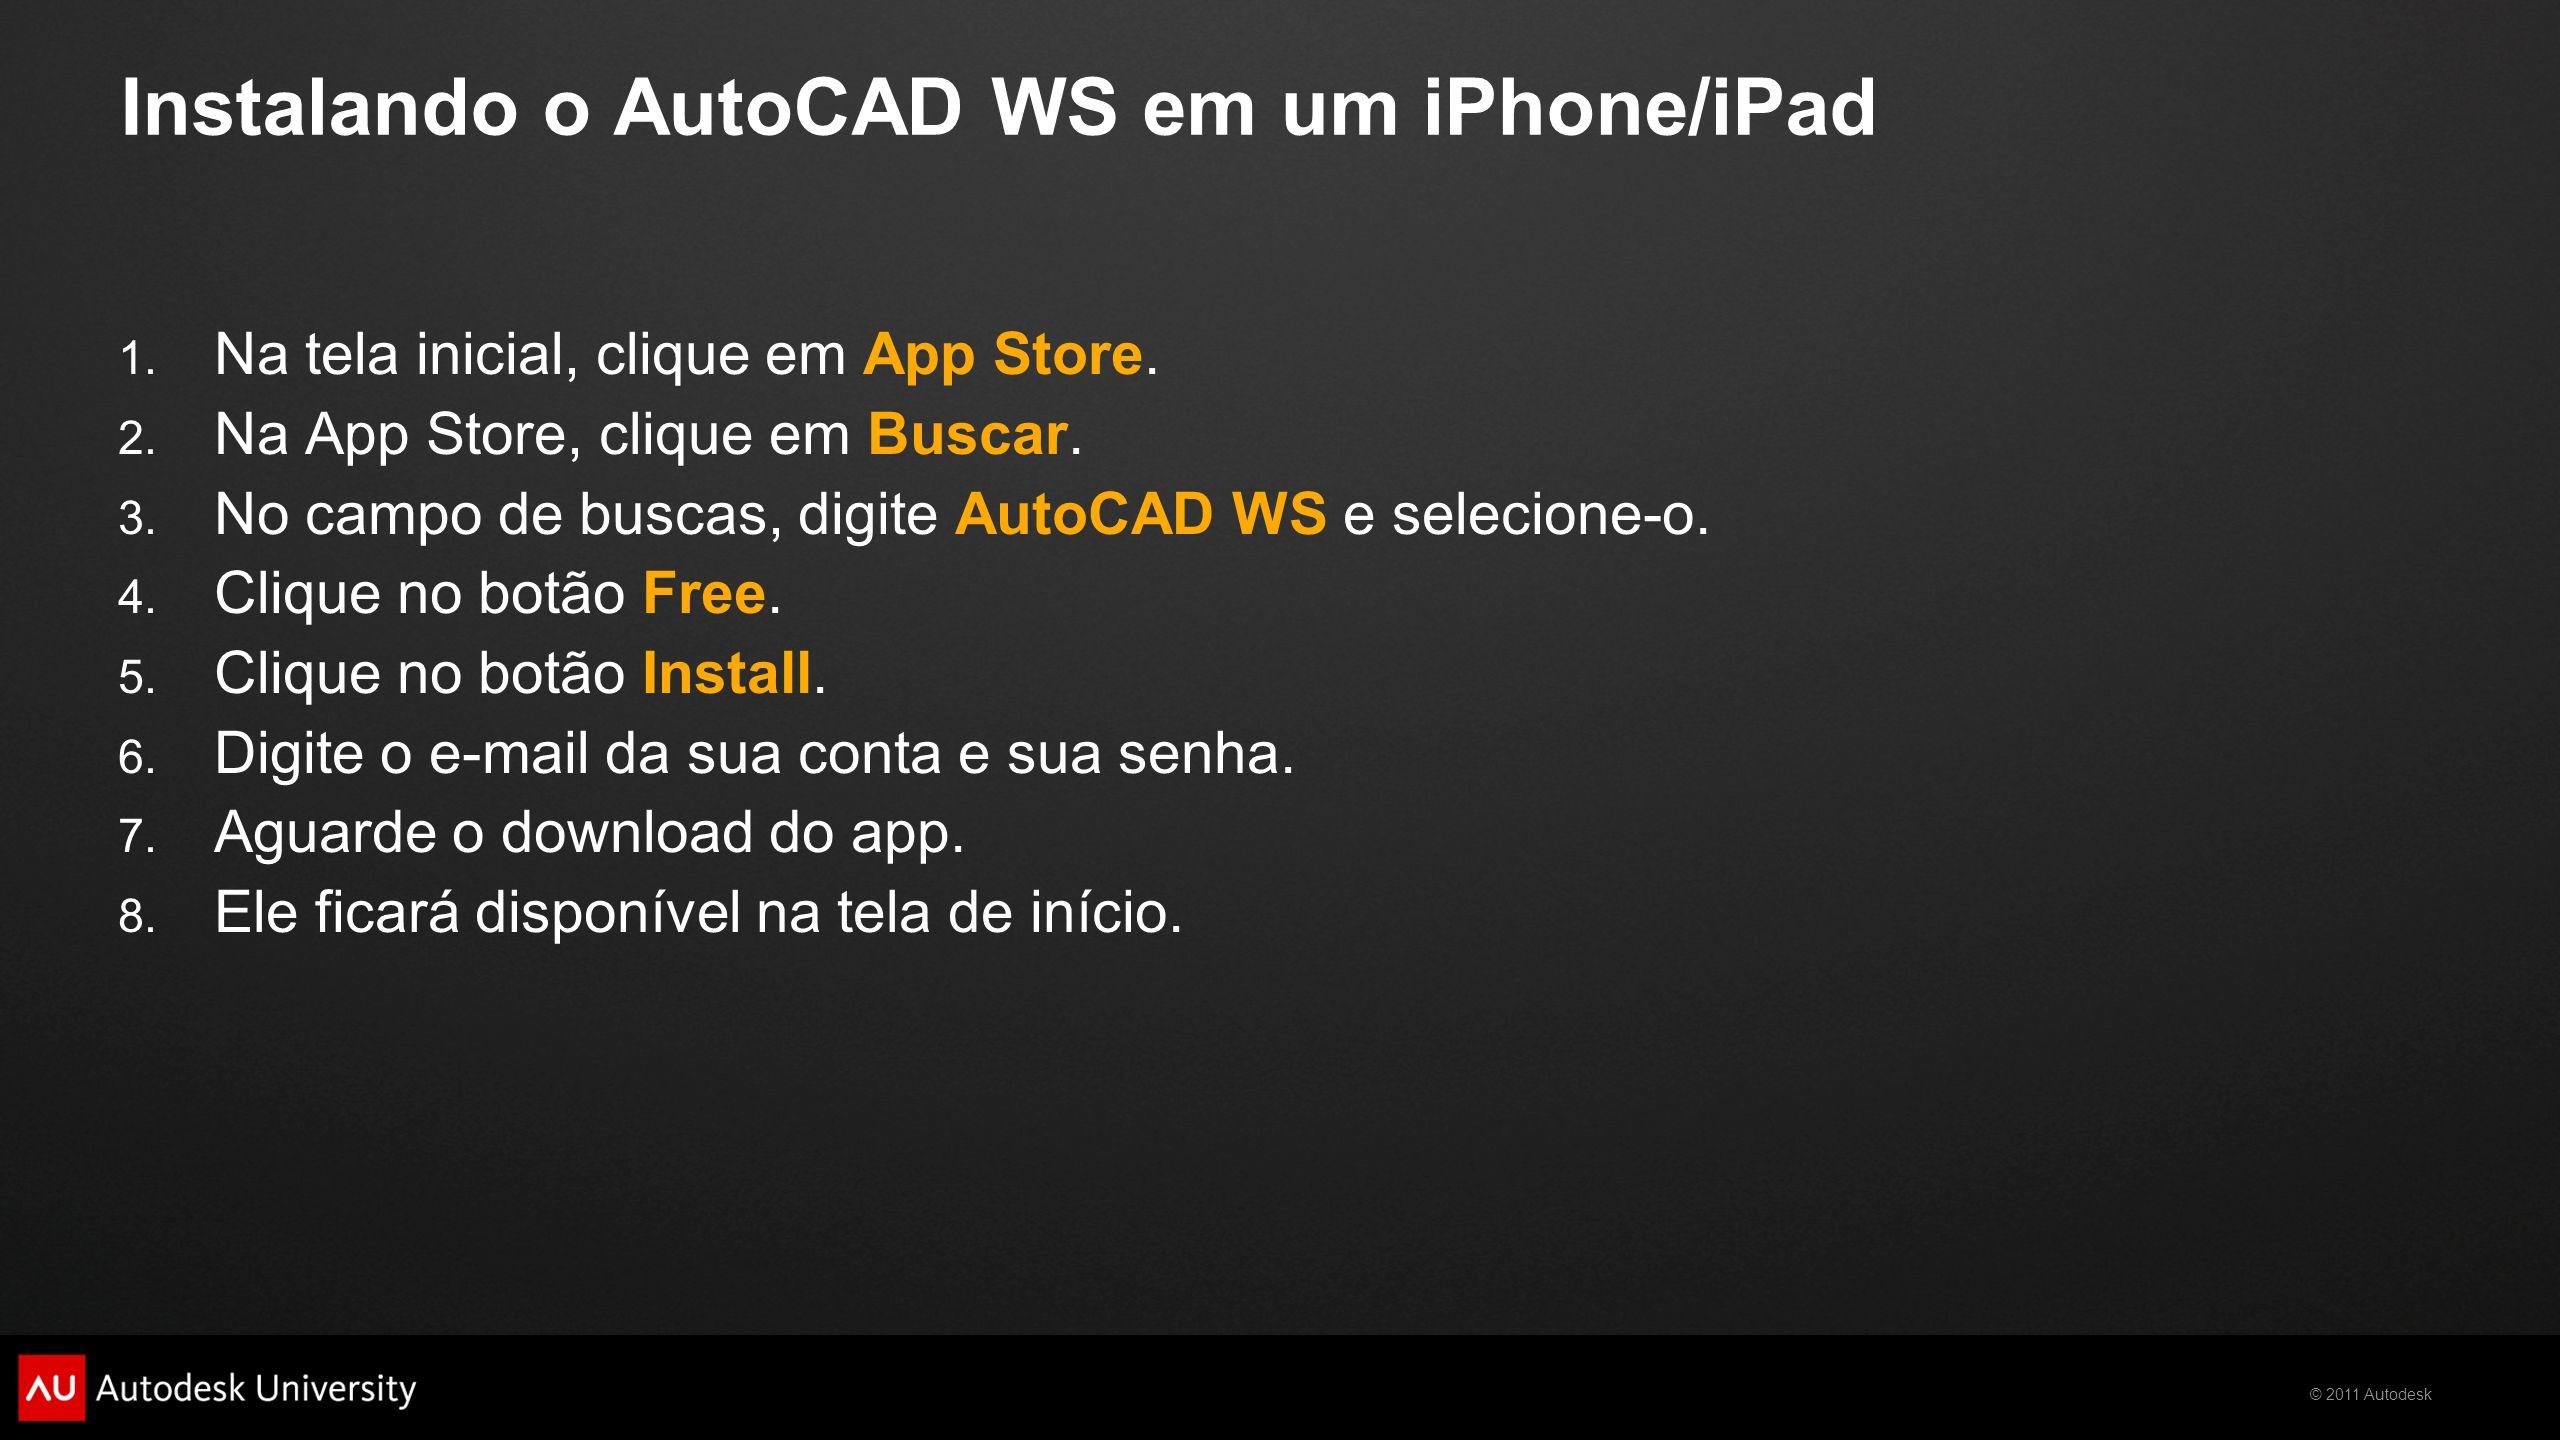 Instalando o AutoCAD WS em um iPhone/iPad